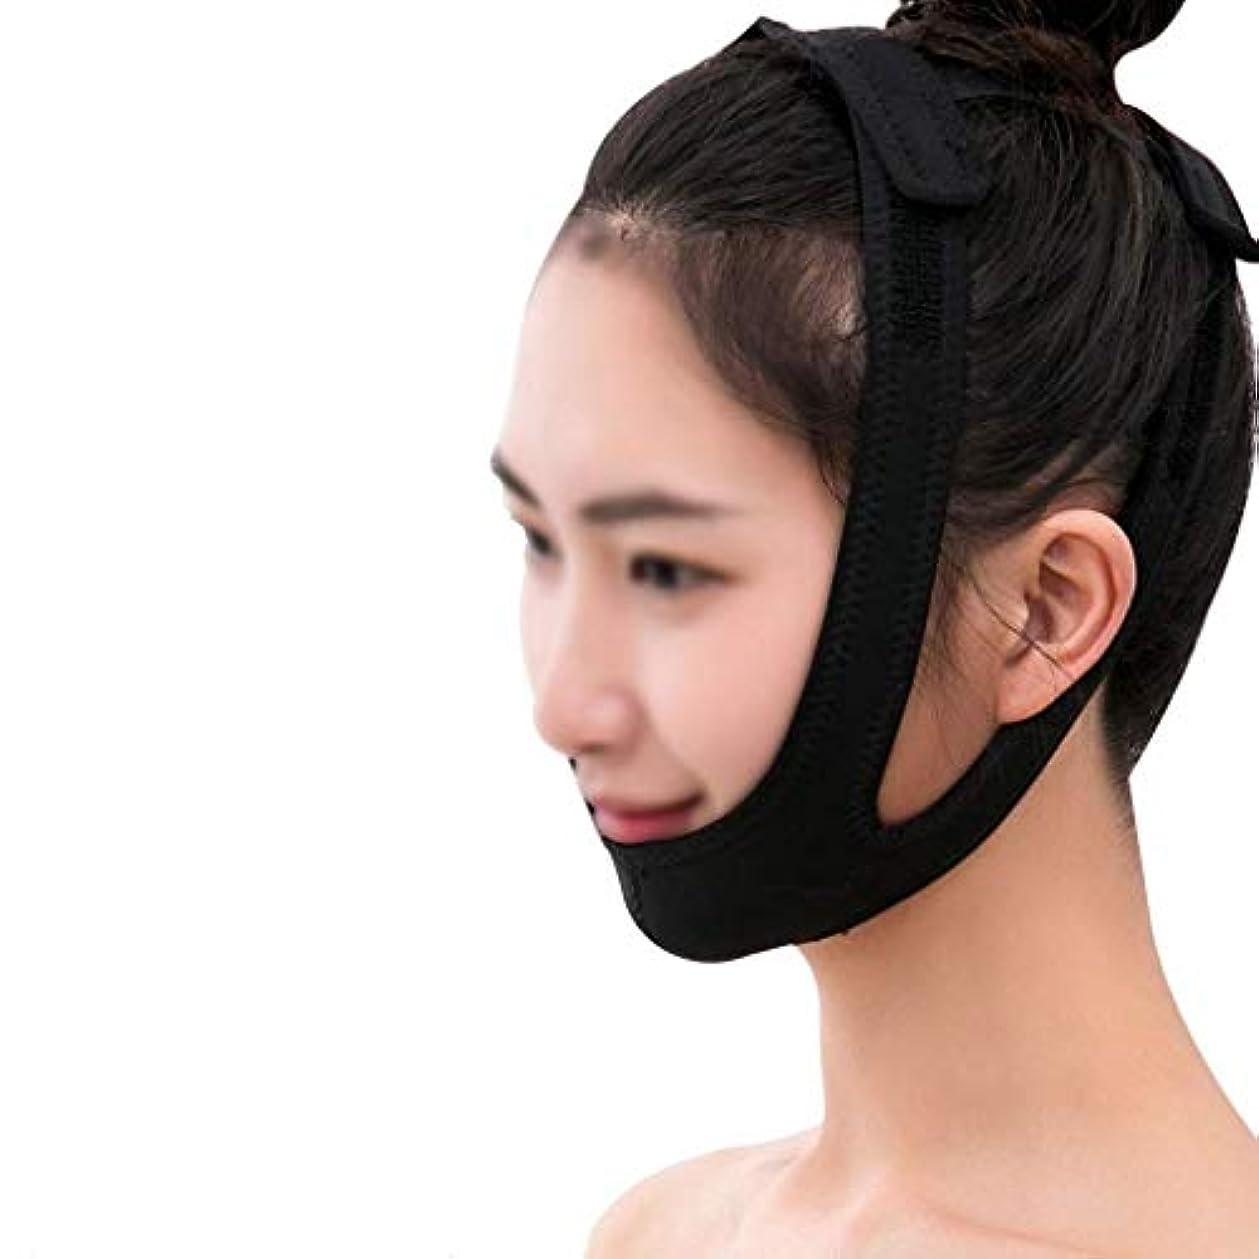 オリエンテーション自分のために固有のフェイスリフティング包帯、術後の顔の回復包帯リフティングスキンアーティファクトアンチシワ薄い二重あご包帯